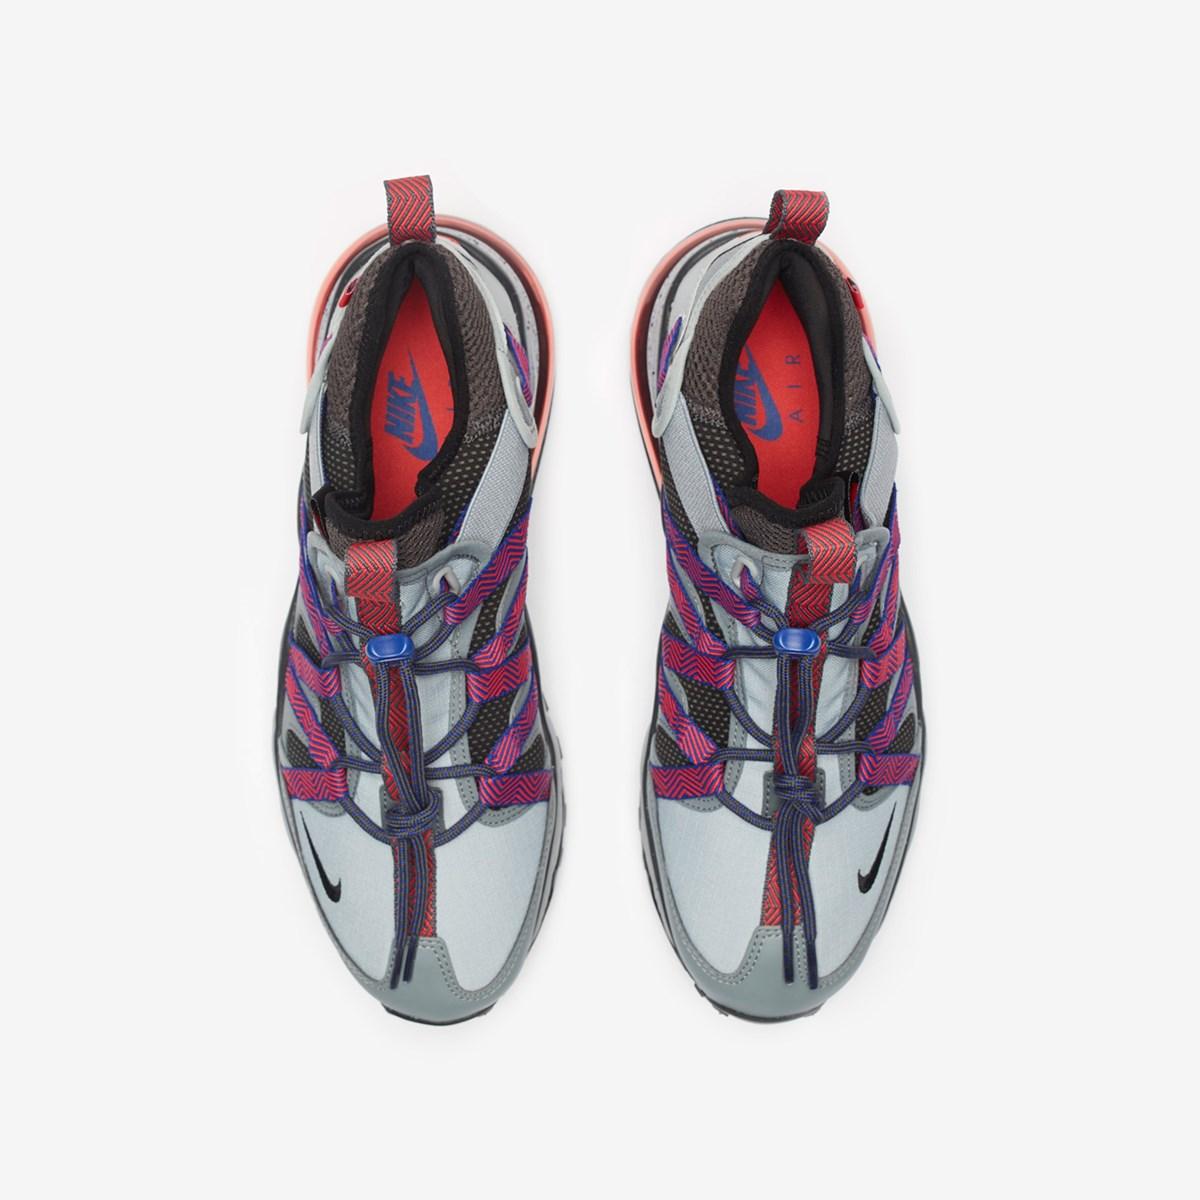 Nike Air Max 270 Bowfin Aj7200 009 Sneakersnstuff